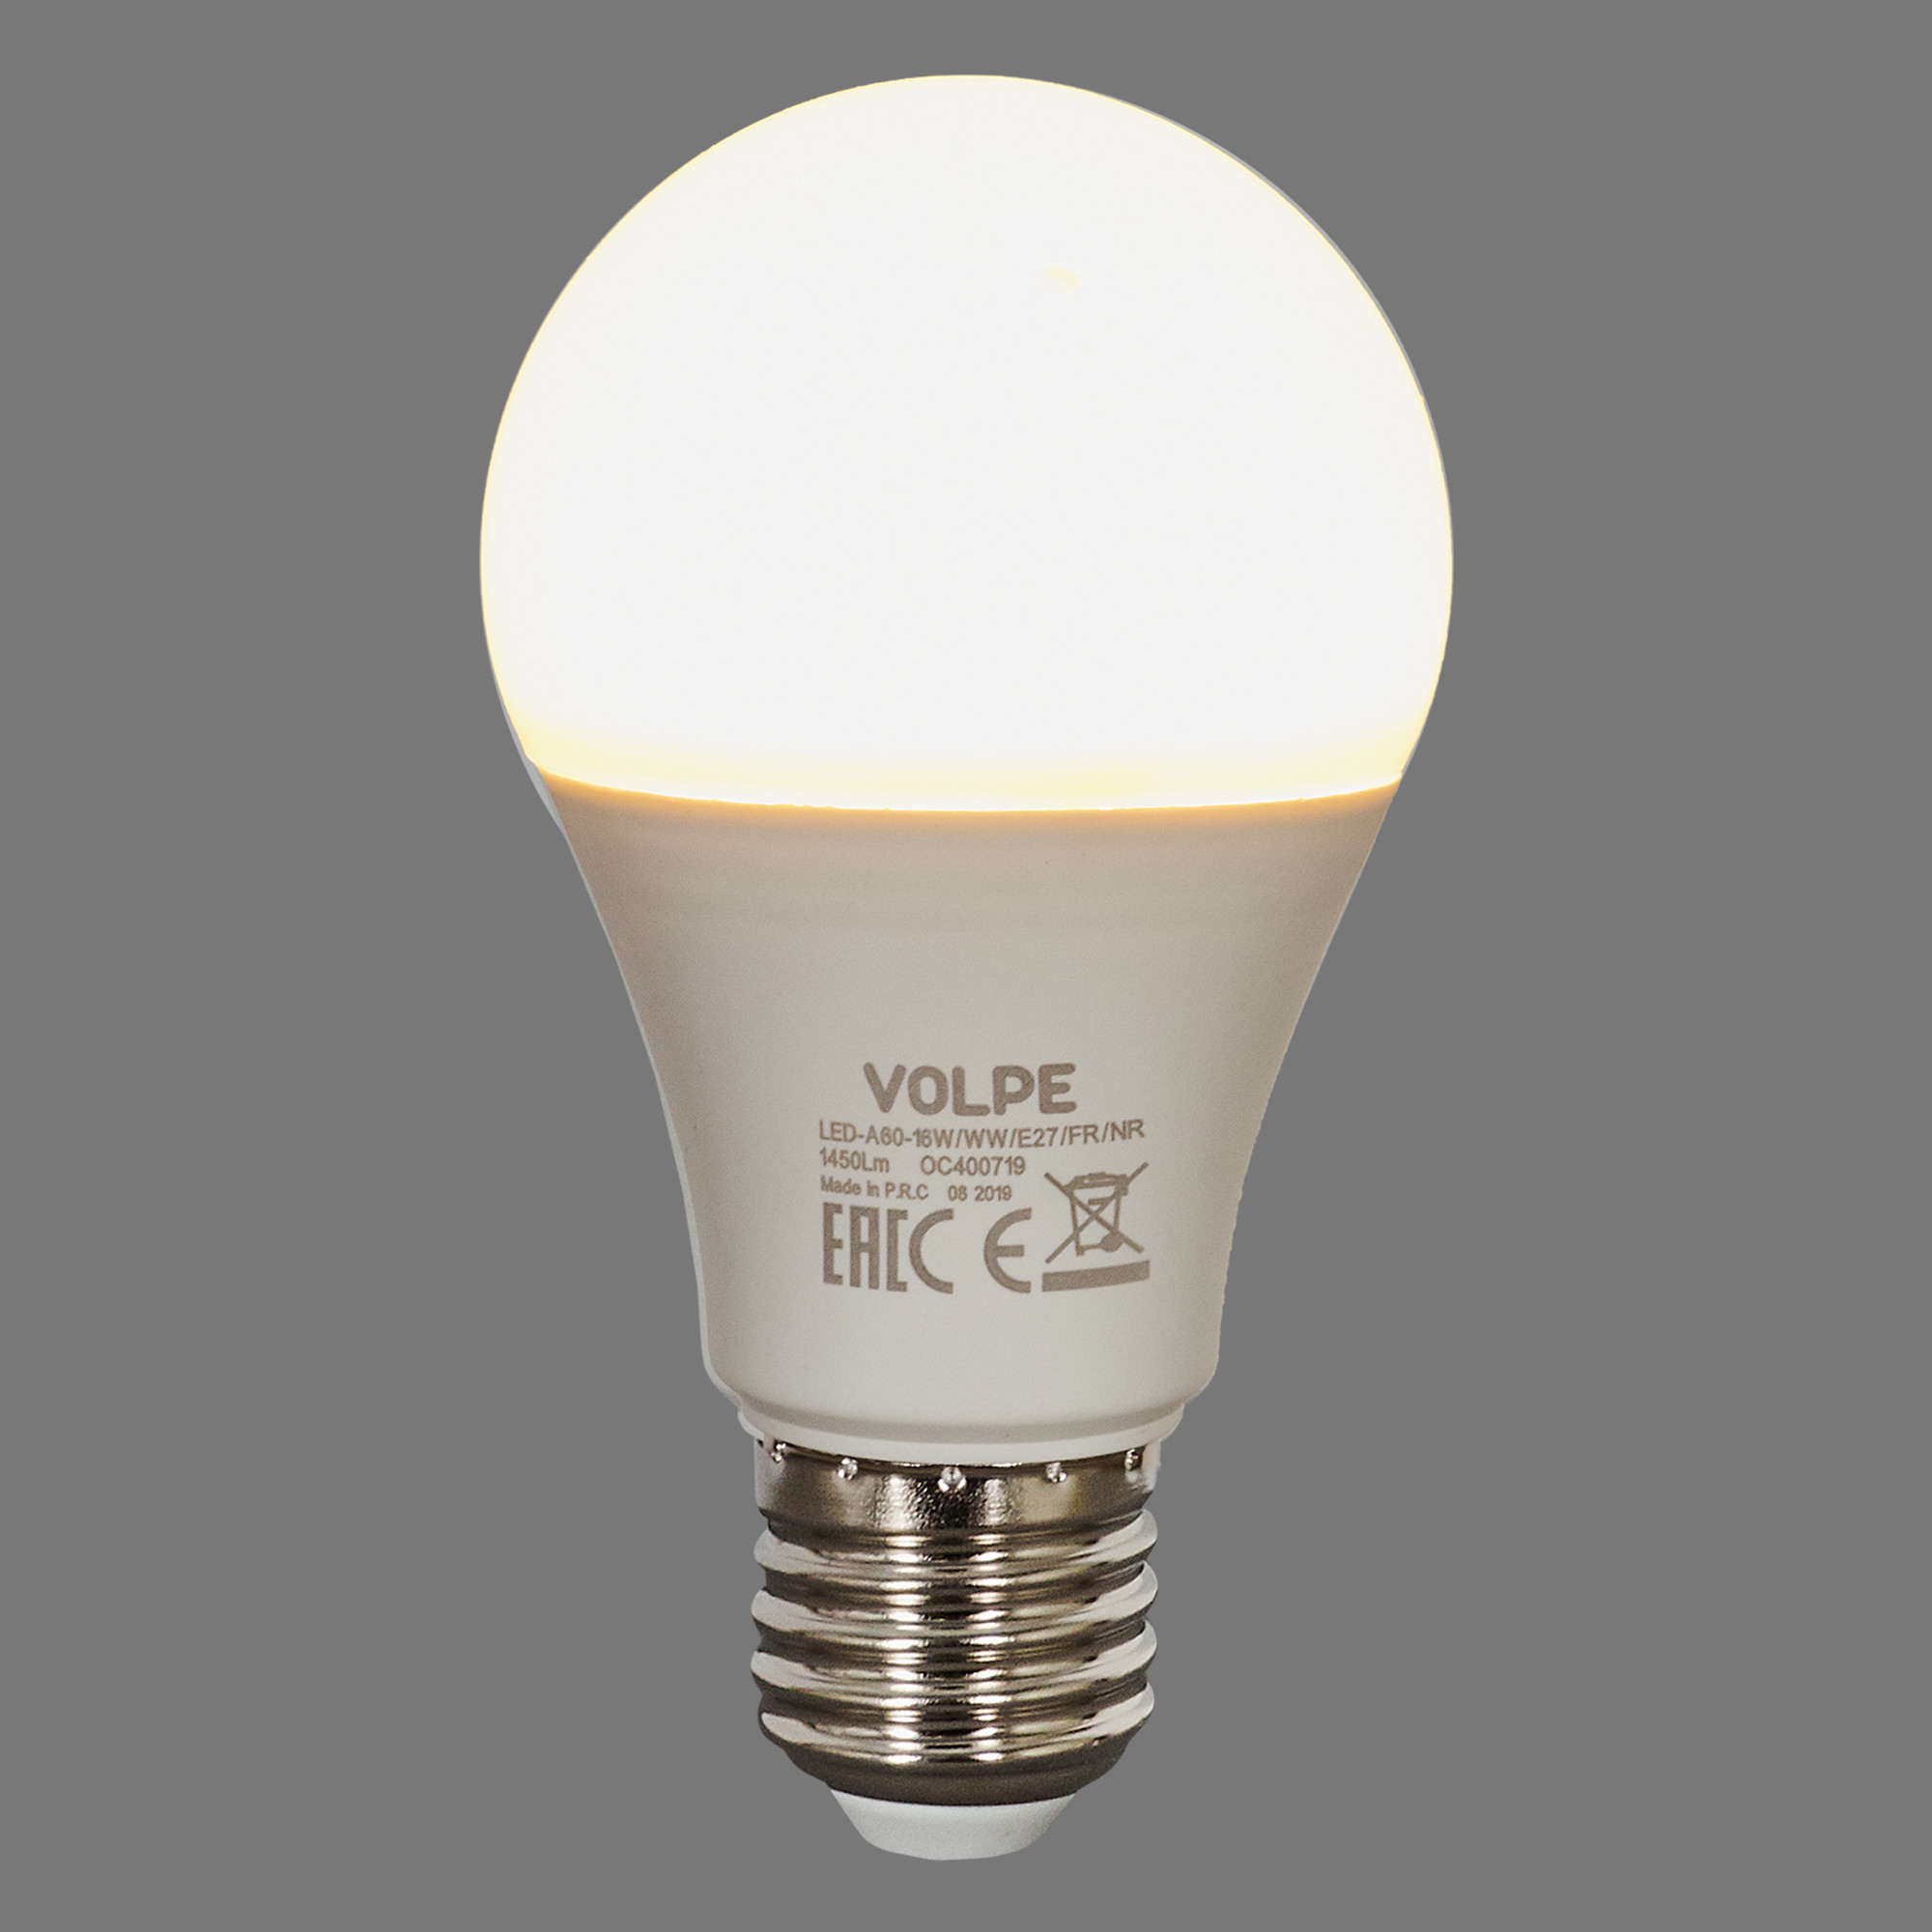 Лампа светодиодная Volpe Norma E27 220 В 16 Вт груша 1450 лм тёплый белый свет